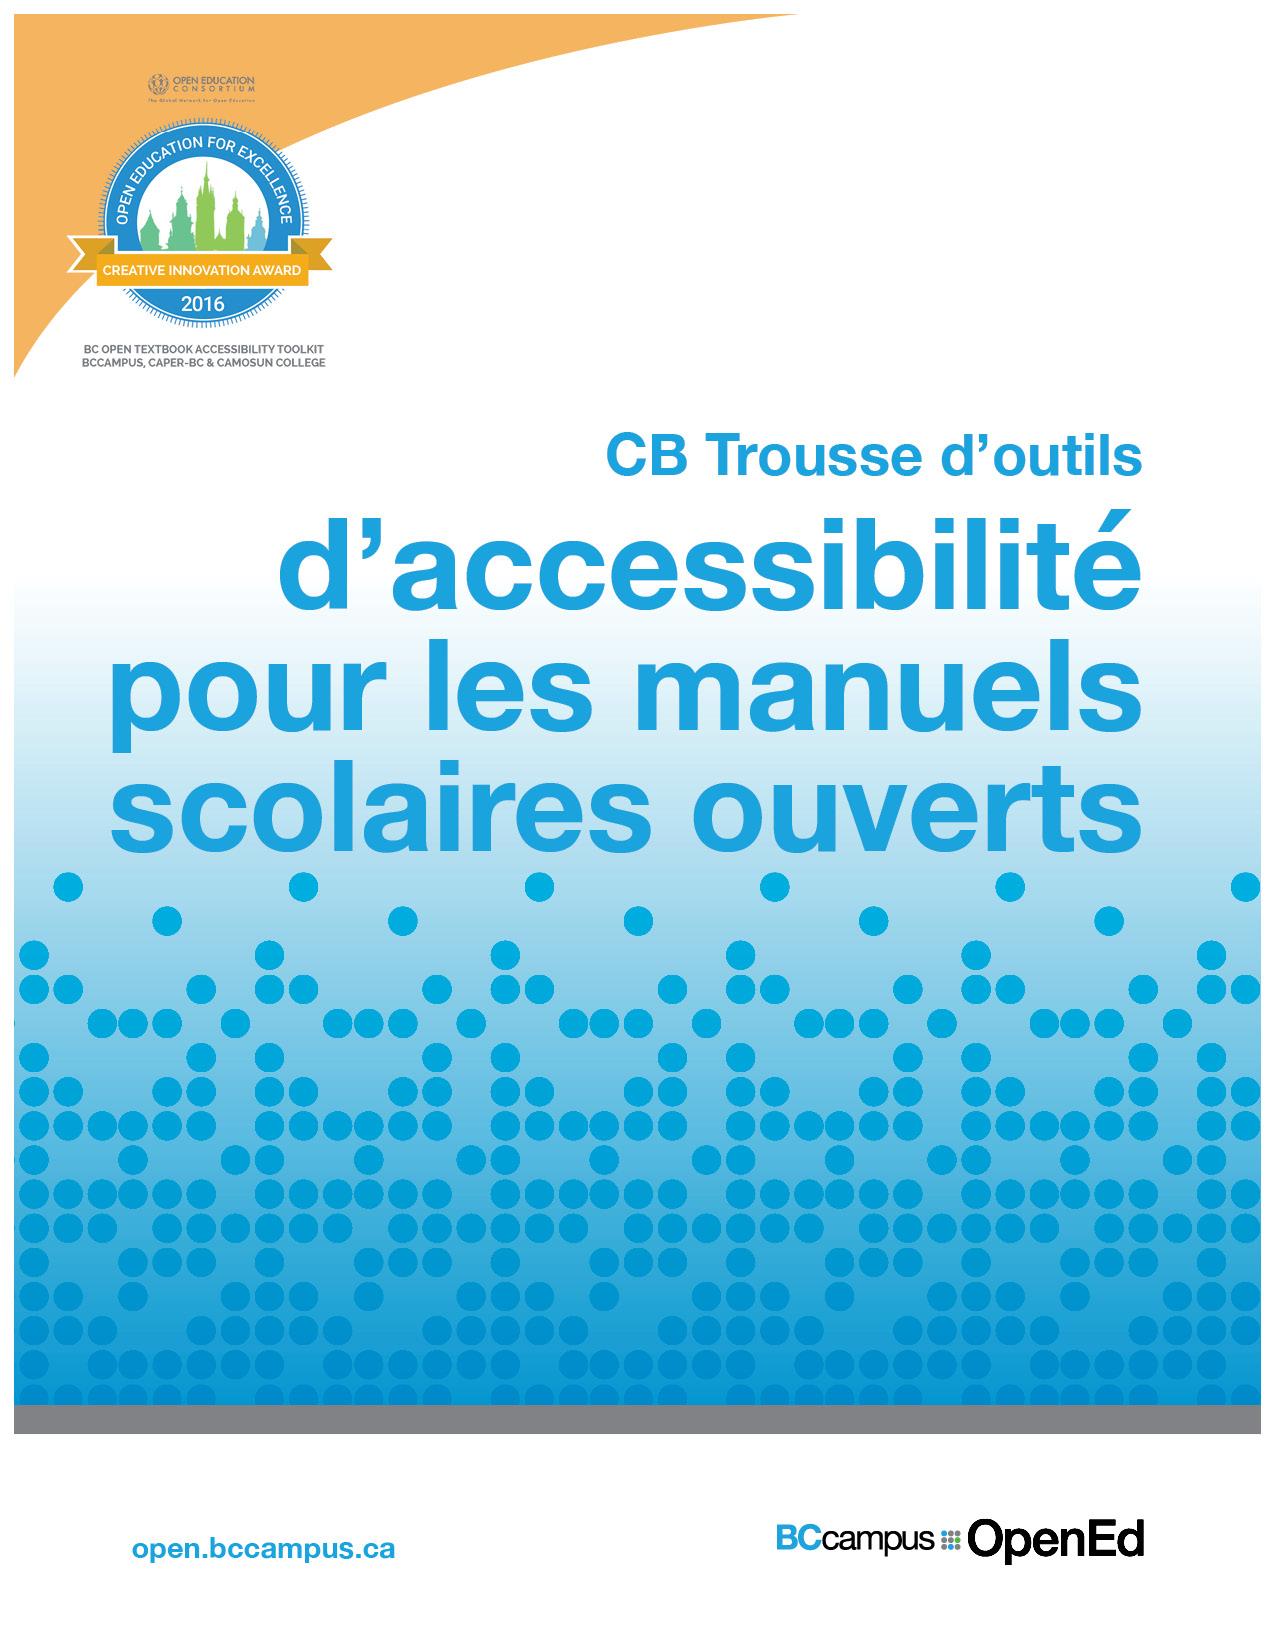 Cover image for CB Trousse d'outils d'accessibilité pour les manuels scolaires ouverts